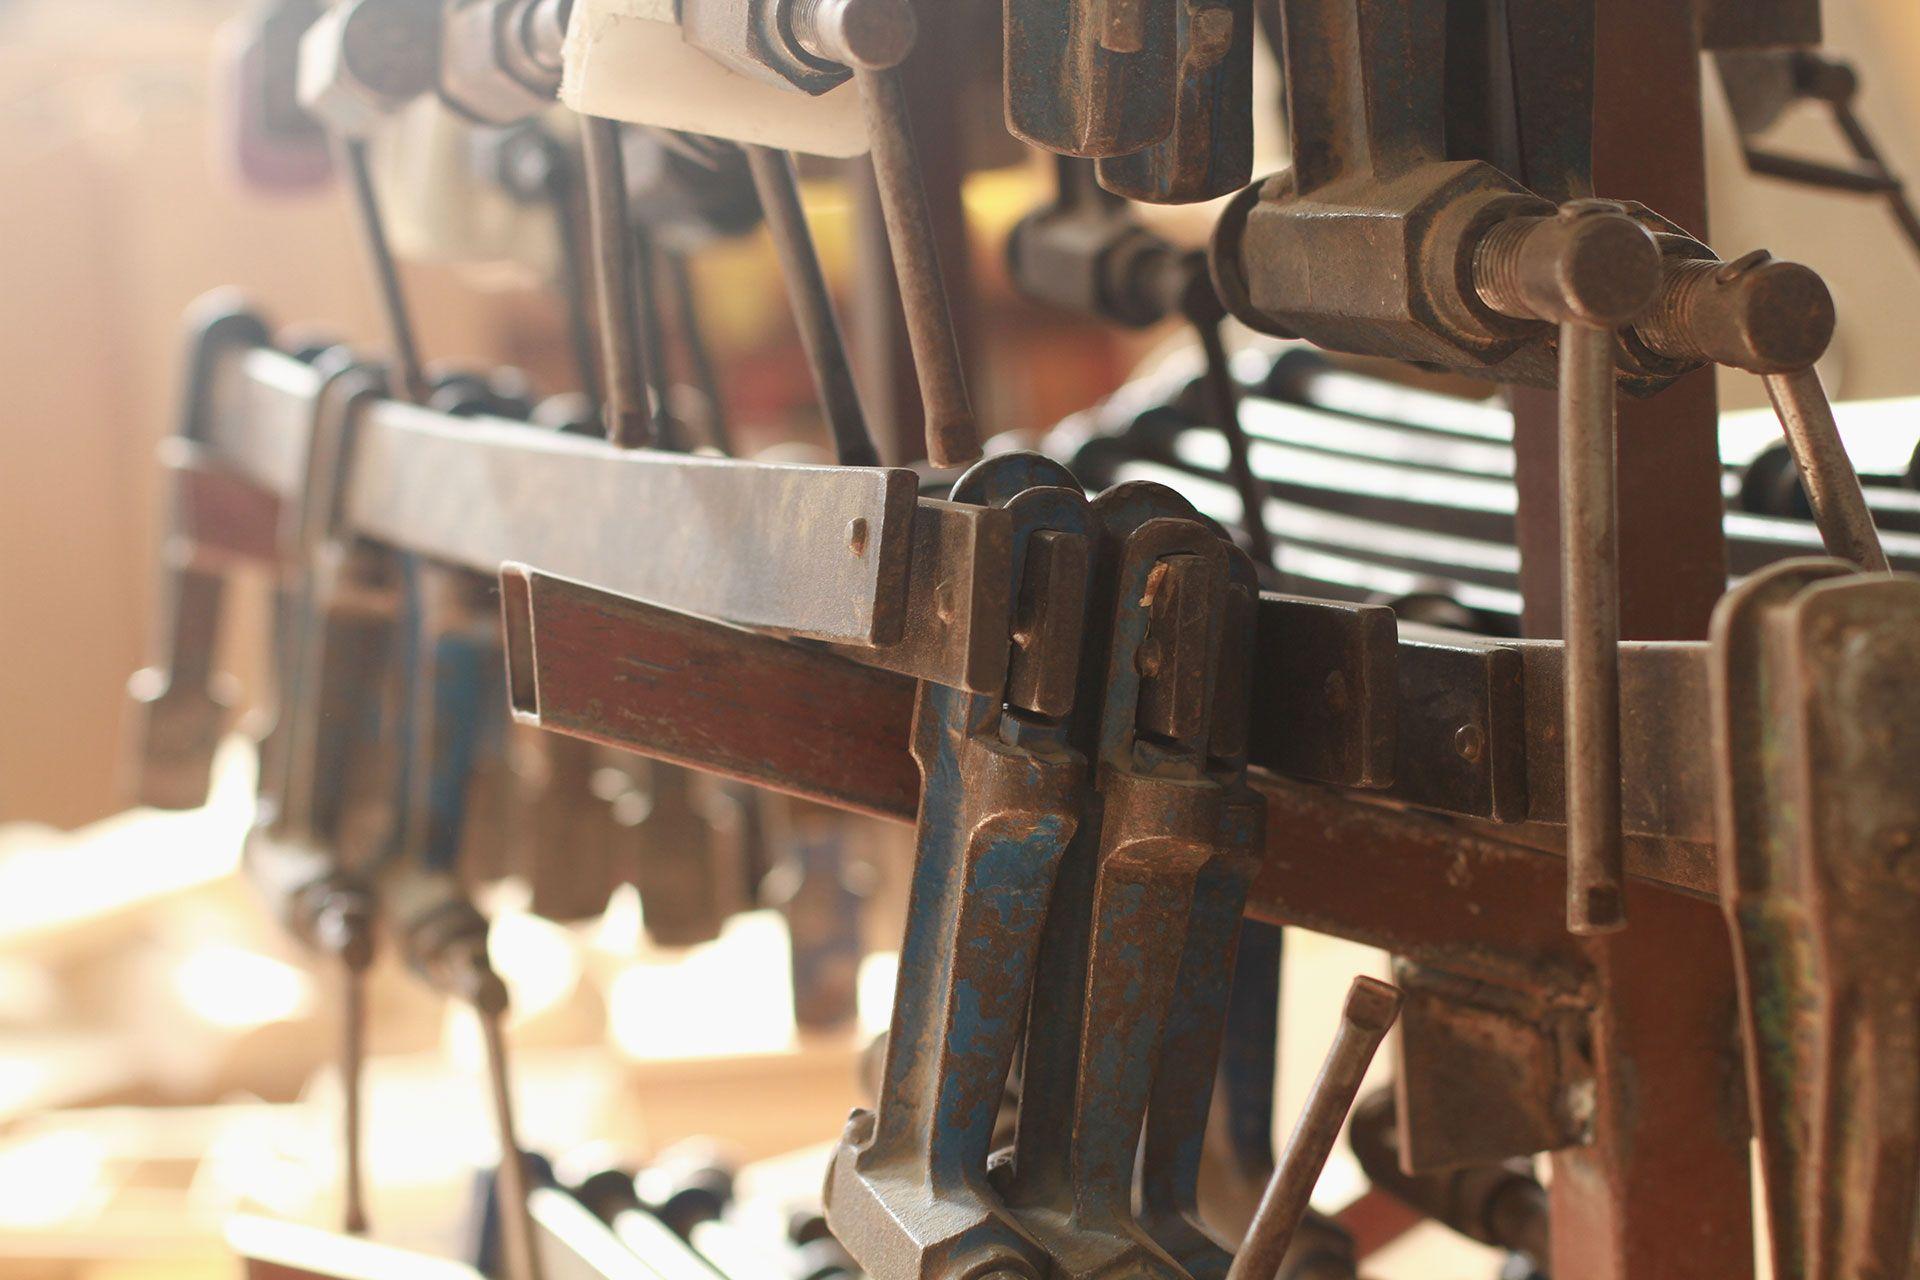 Pin De Fermacam En Talleres Muebles Sonseca Pinterest Taller # Muebles Sonseca